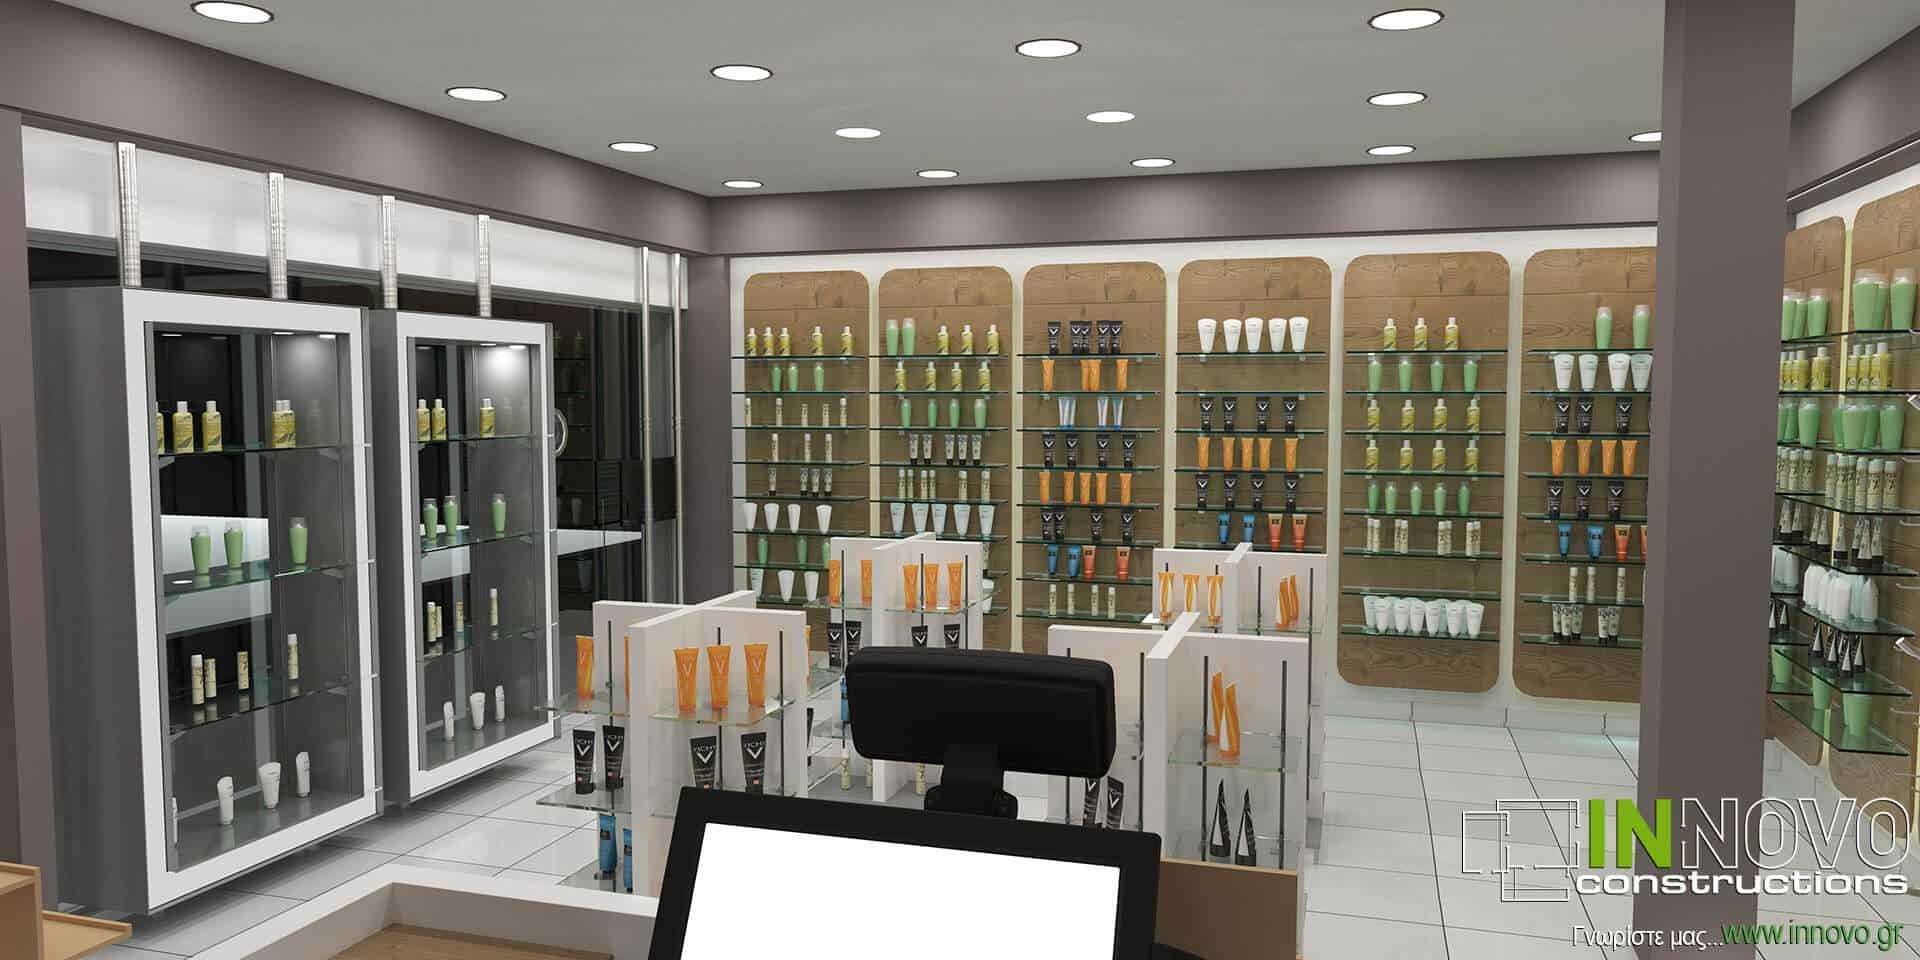 Μελέτη, σχεδιασμός και κατασκευή φαρμακείου Ηλιούπολη από την Innovo Constructions